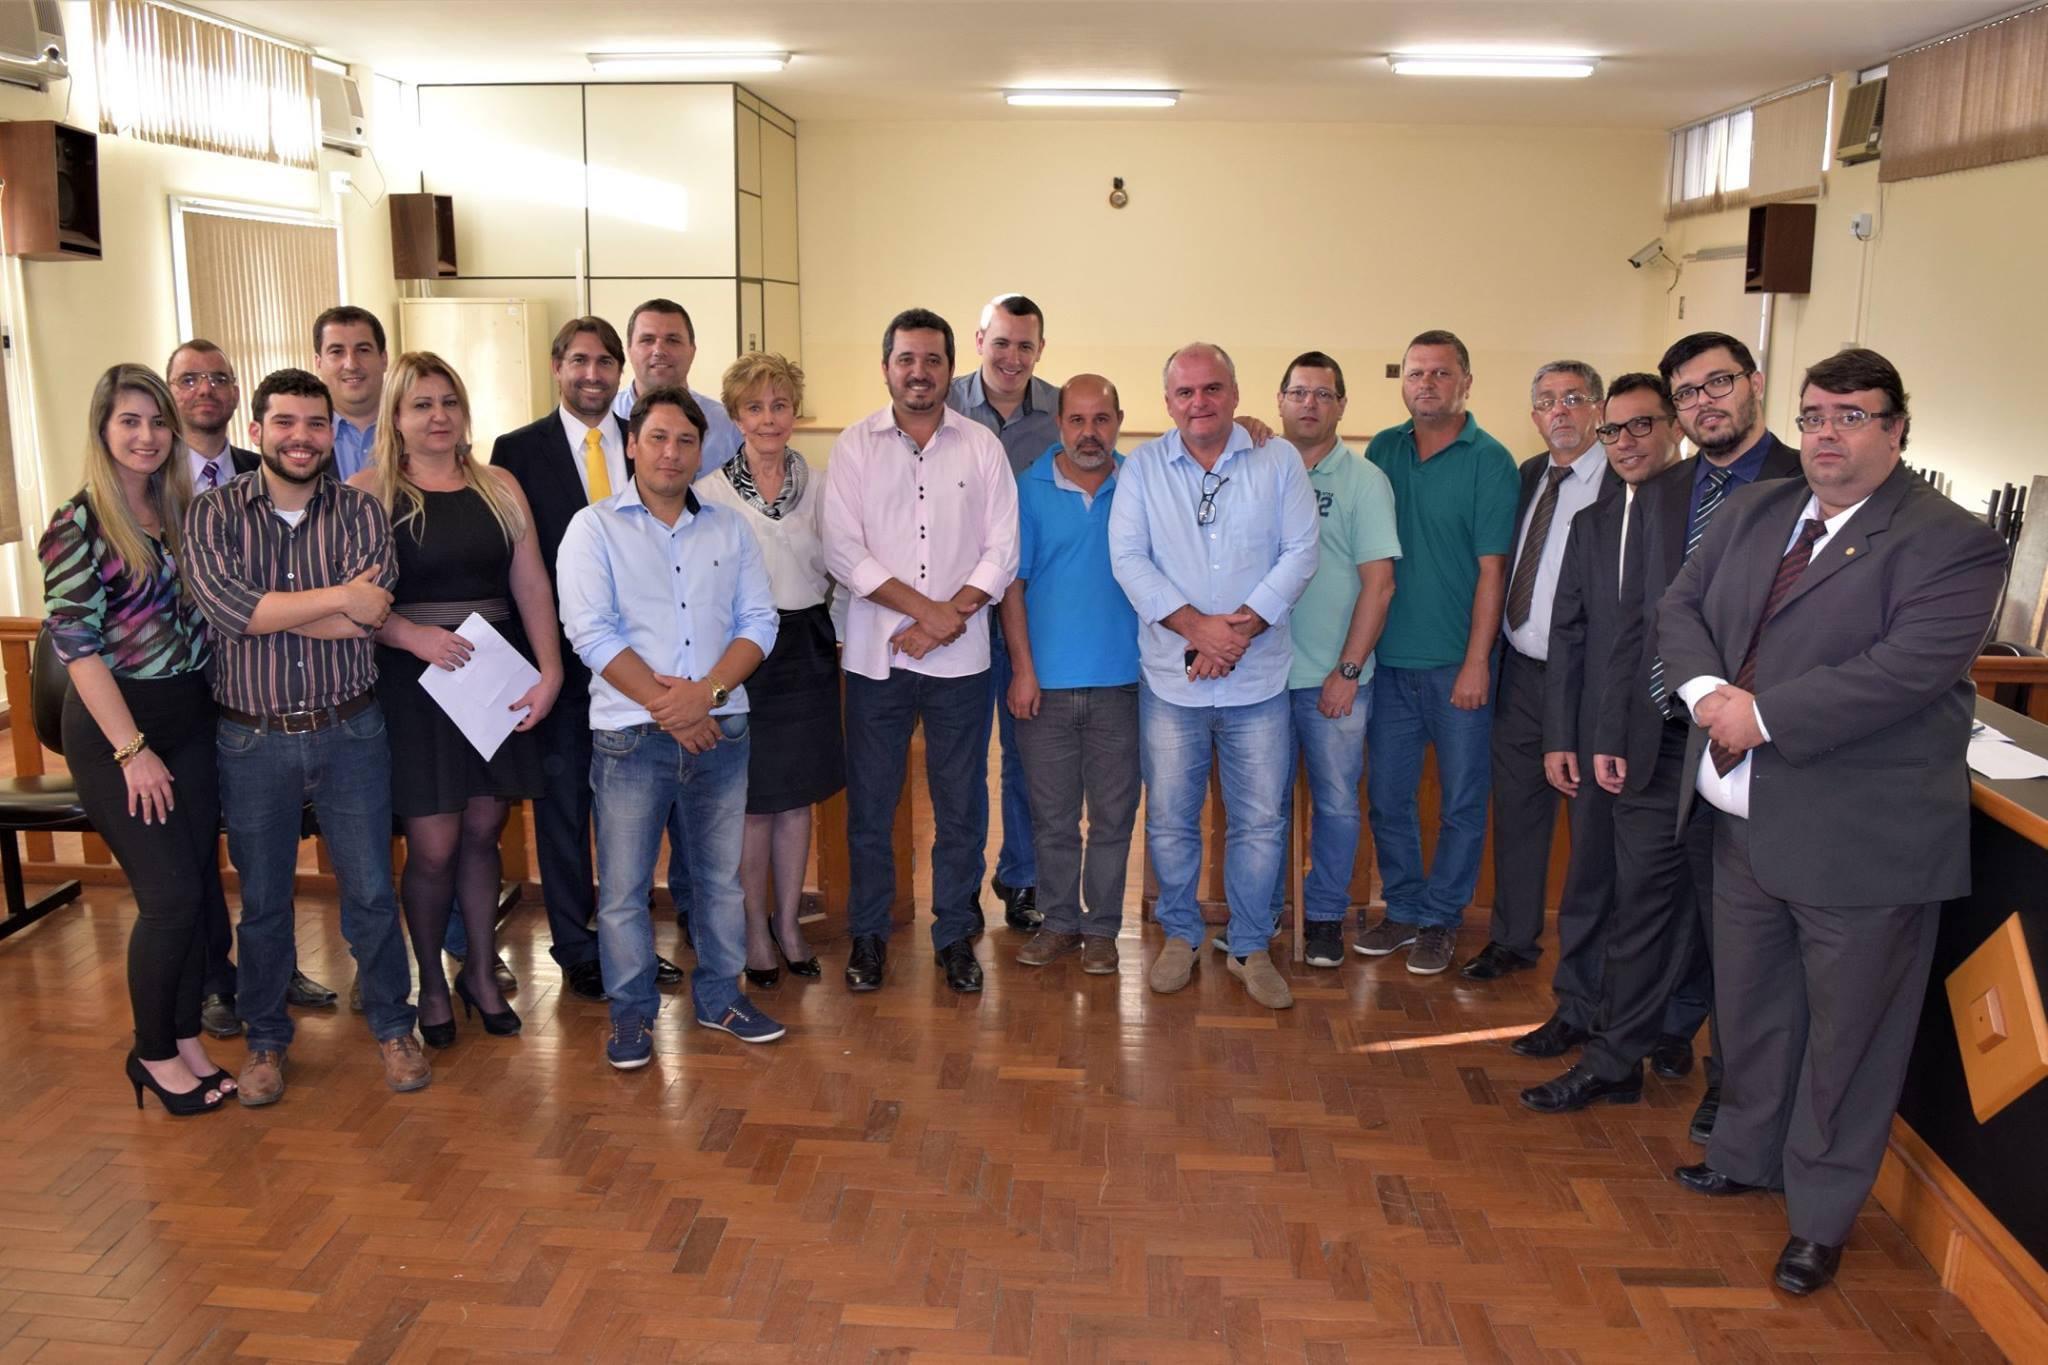 O Prefeito Tavinho Rodrigues reuniu com Gestores da região, para discutir os impactos sociais, jurídicos e geográficos de eventual reestruturação de Comarcas Judiciárias